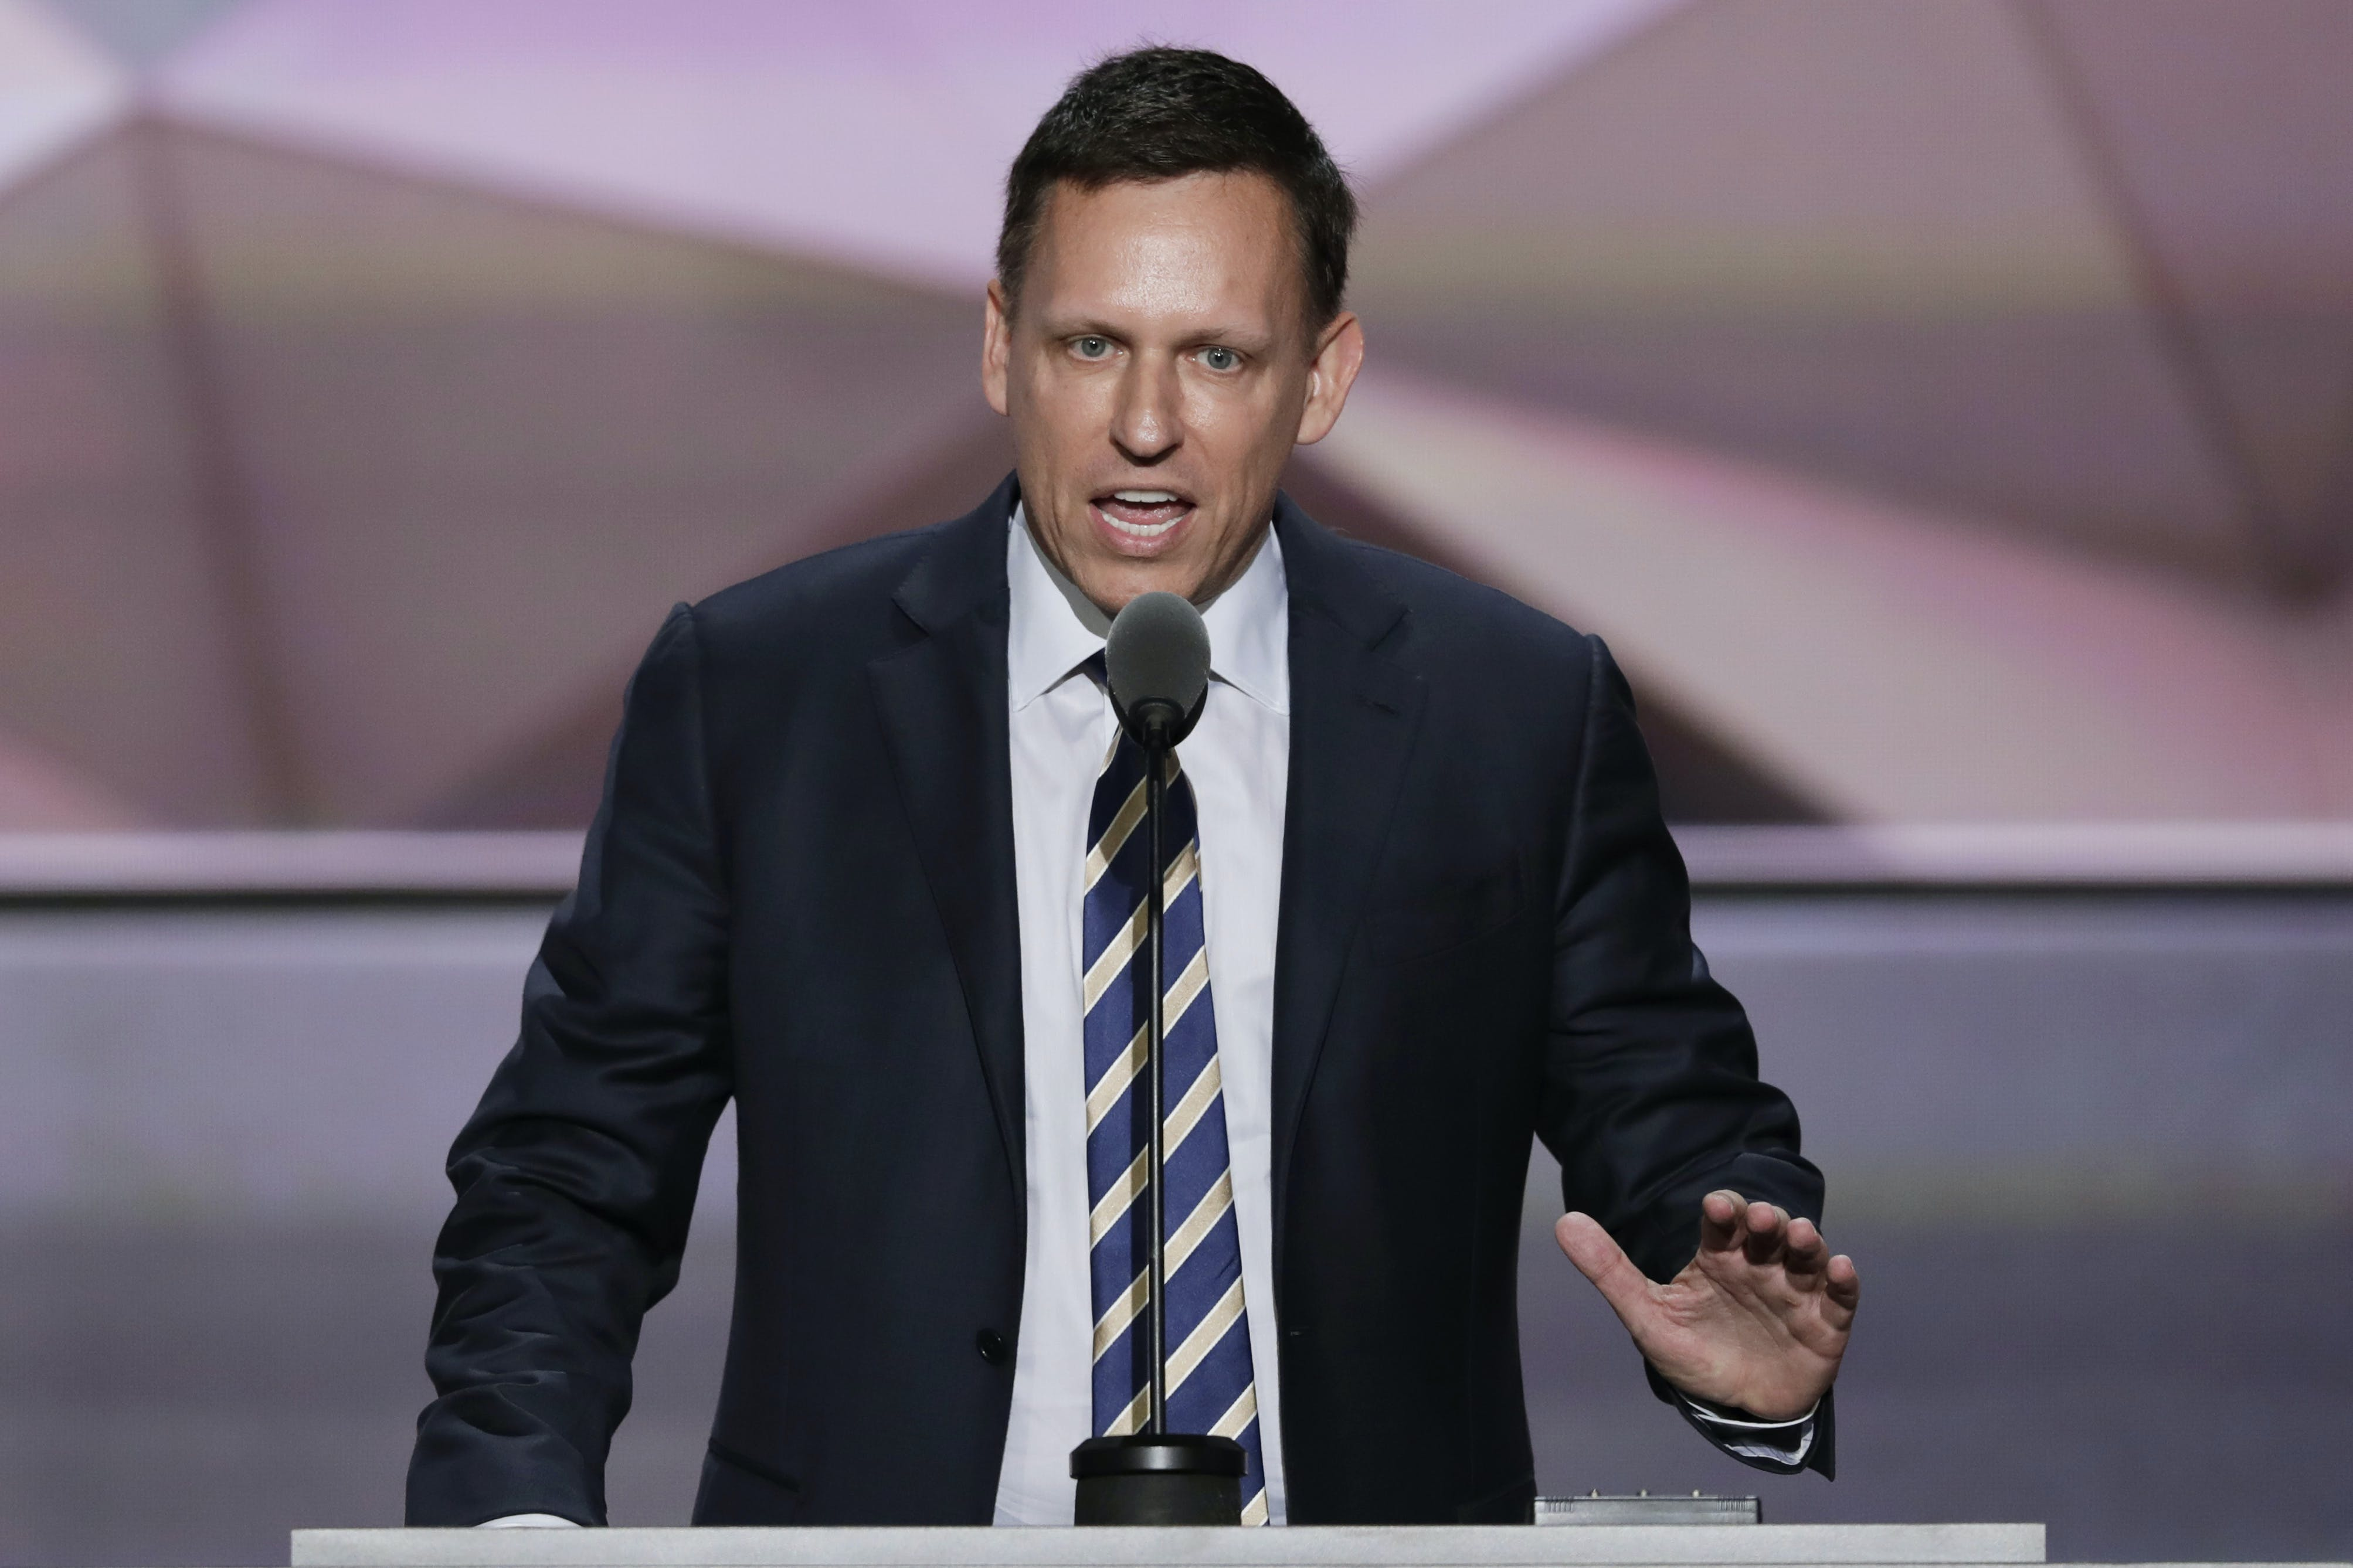 Späte Rache des Peter Thiel? IT-Investor will Gawker-Reste aufkaufen